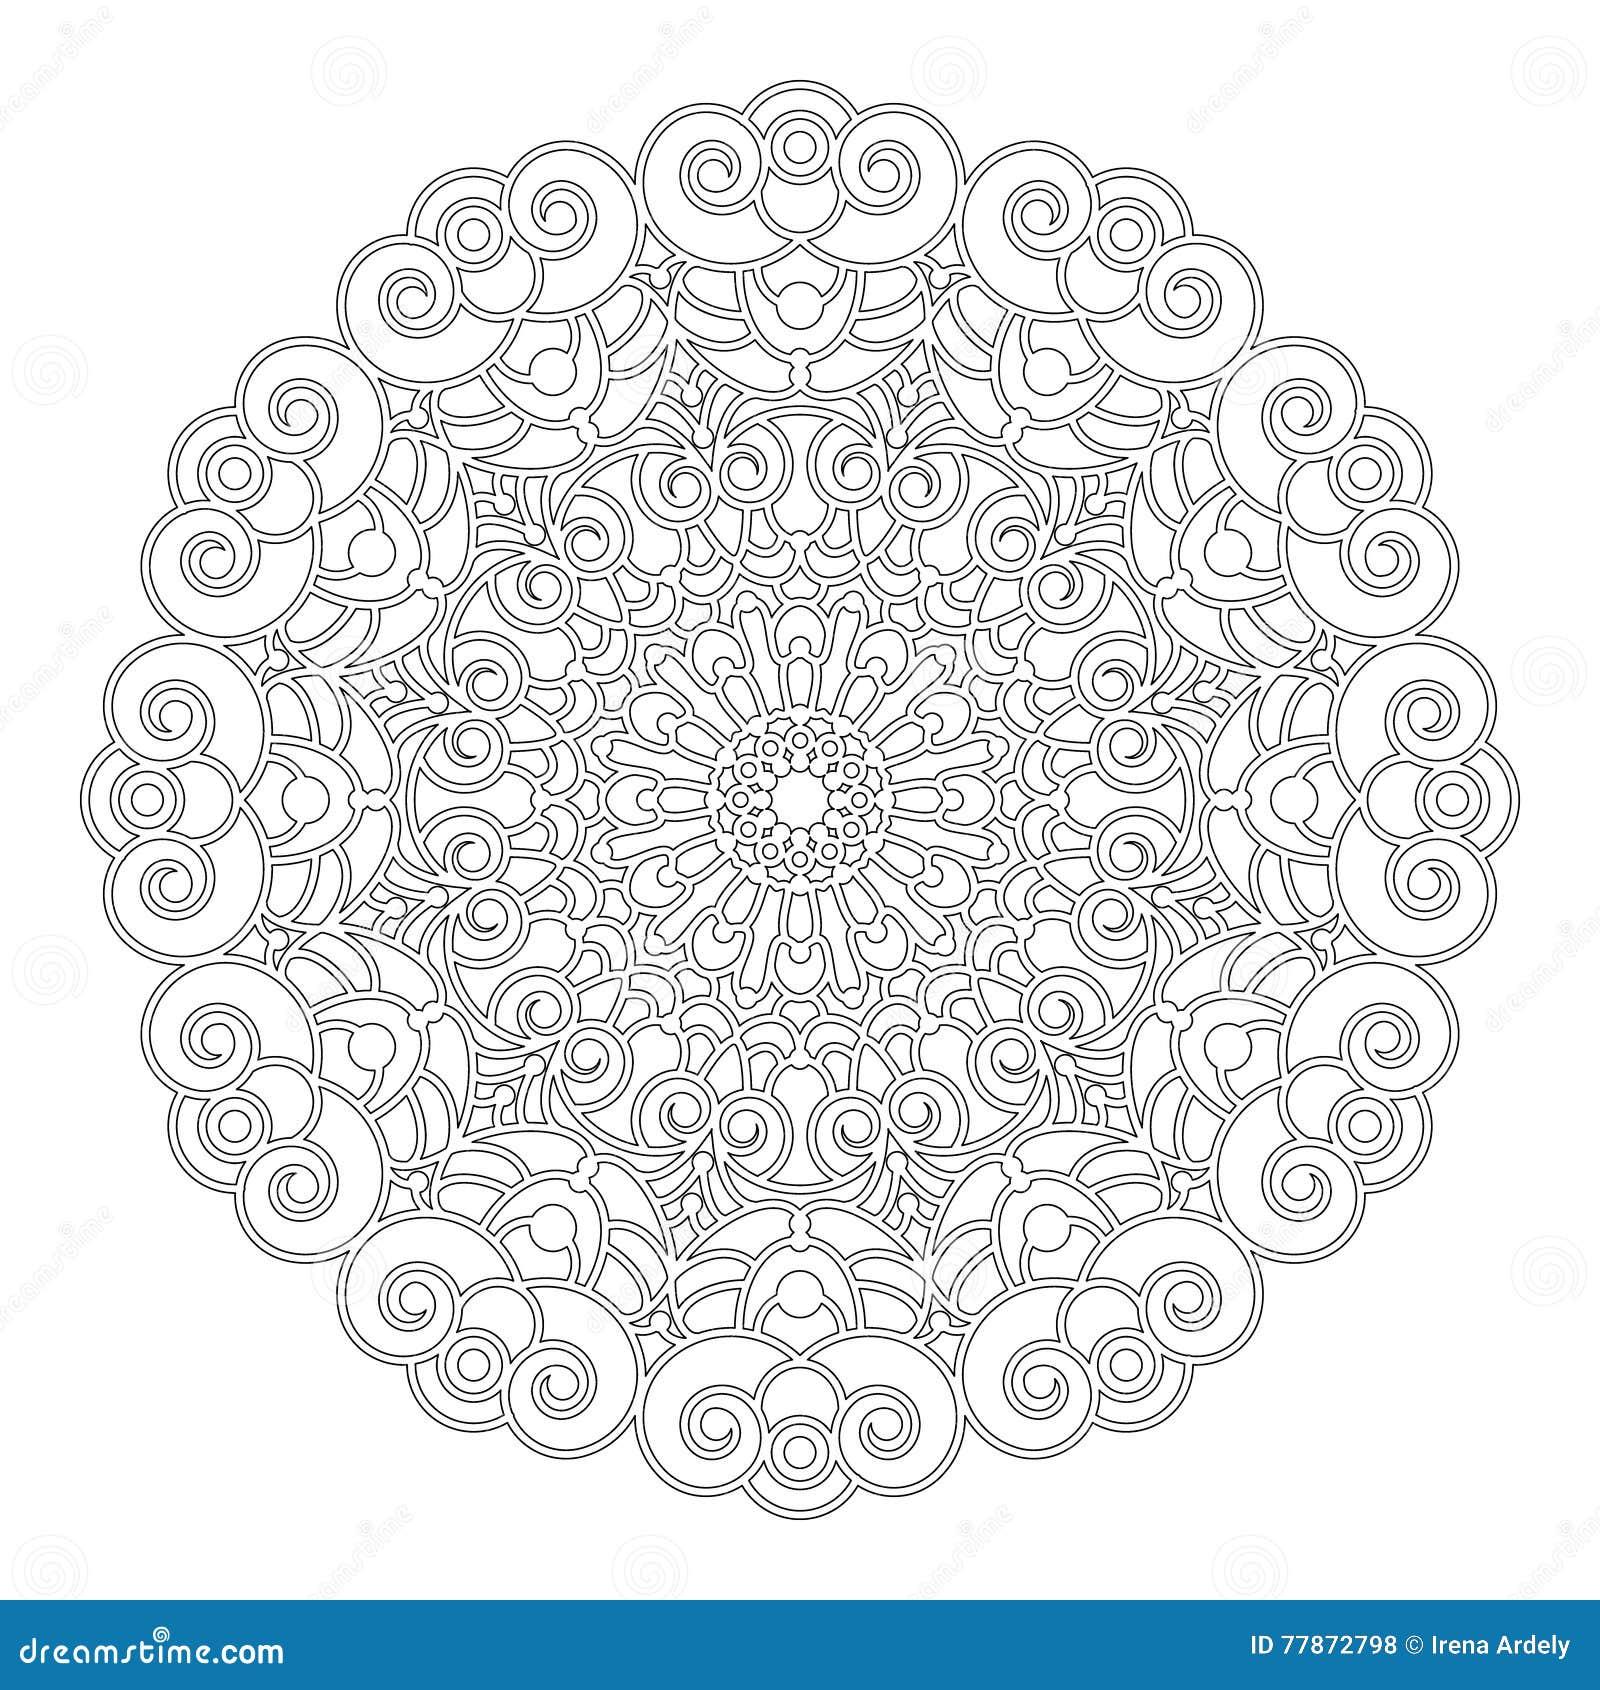 Coloriage Adulte Spirale.Dirigez Le Mandala Floral Geometrique Noir Et Blanc Avec Des